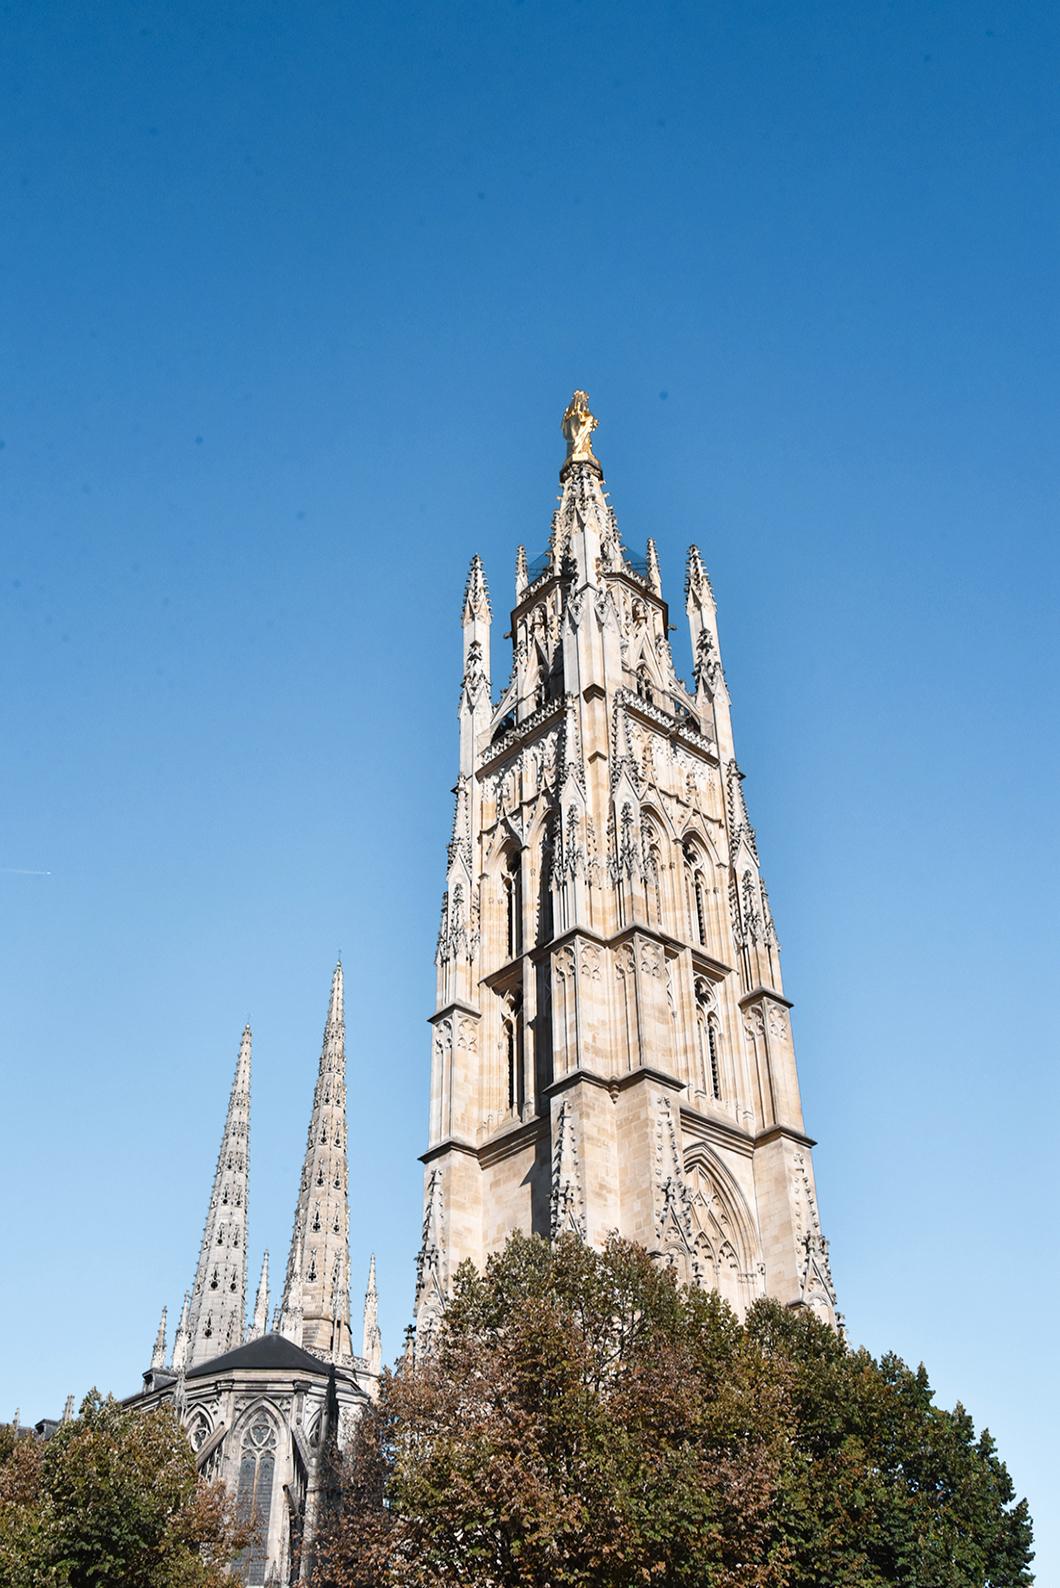 Monter en haut de la Tour Pey Berland à Bordeaux